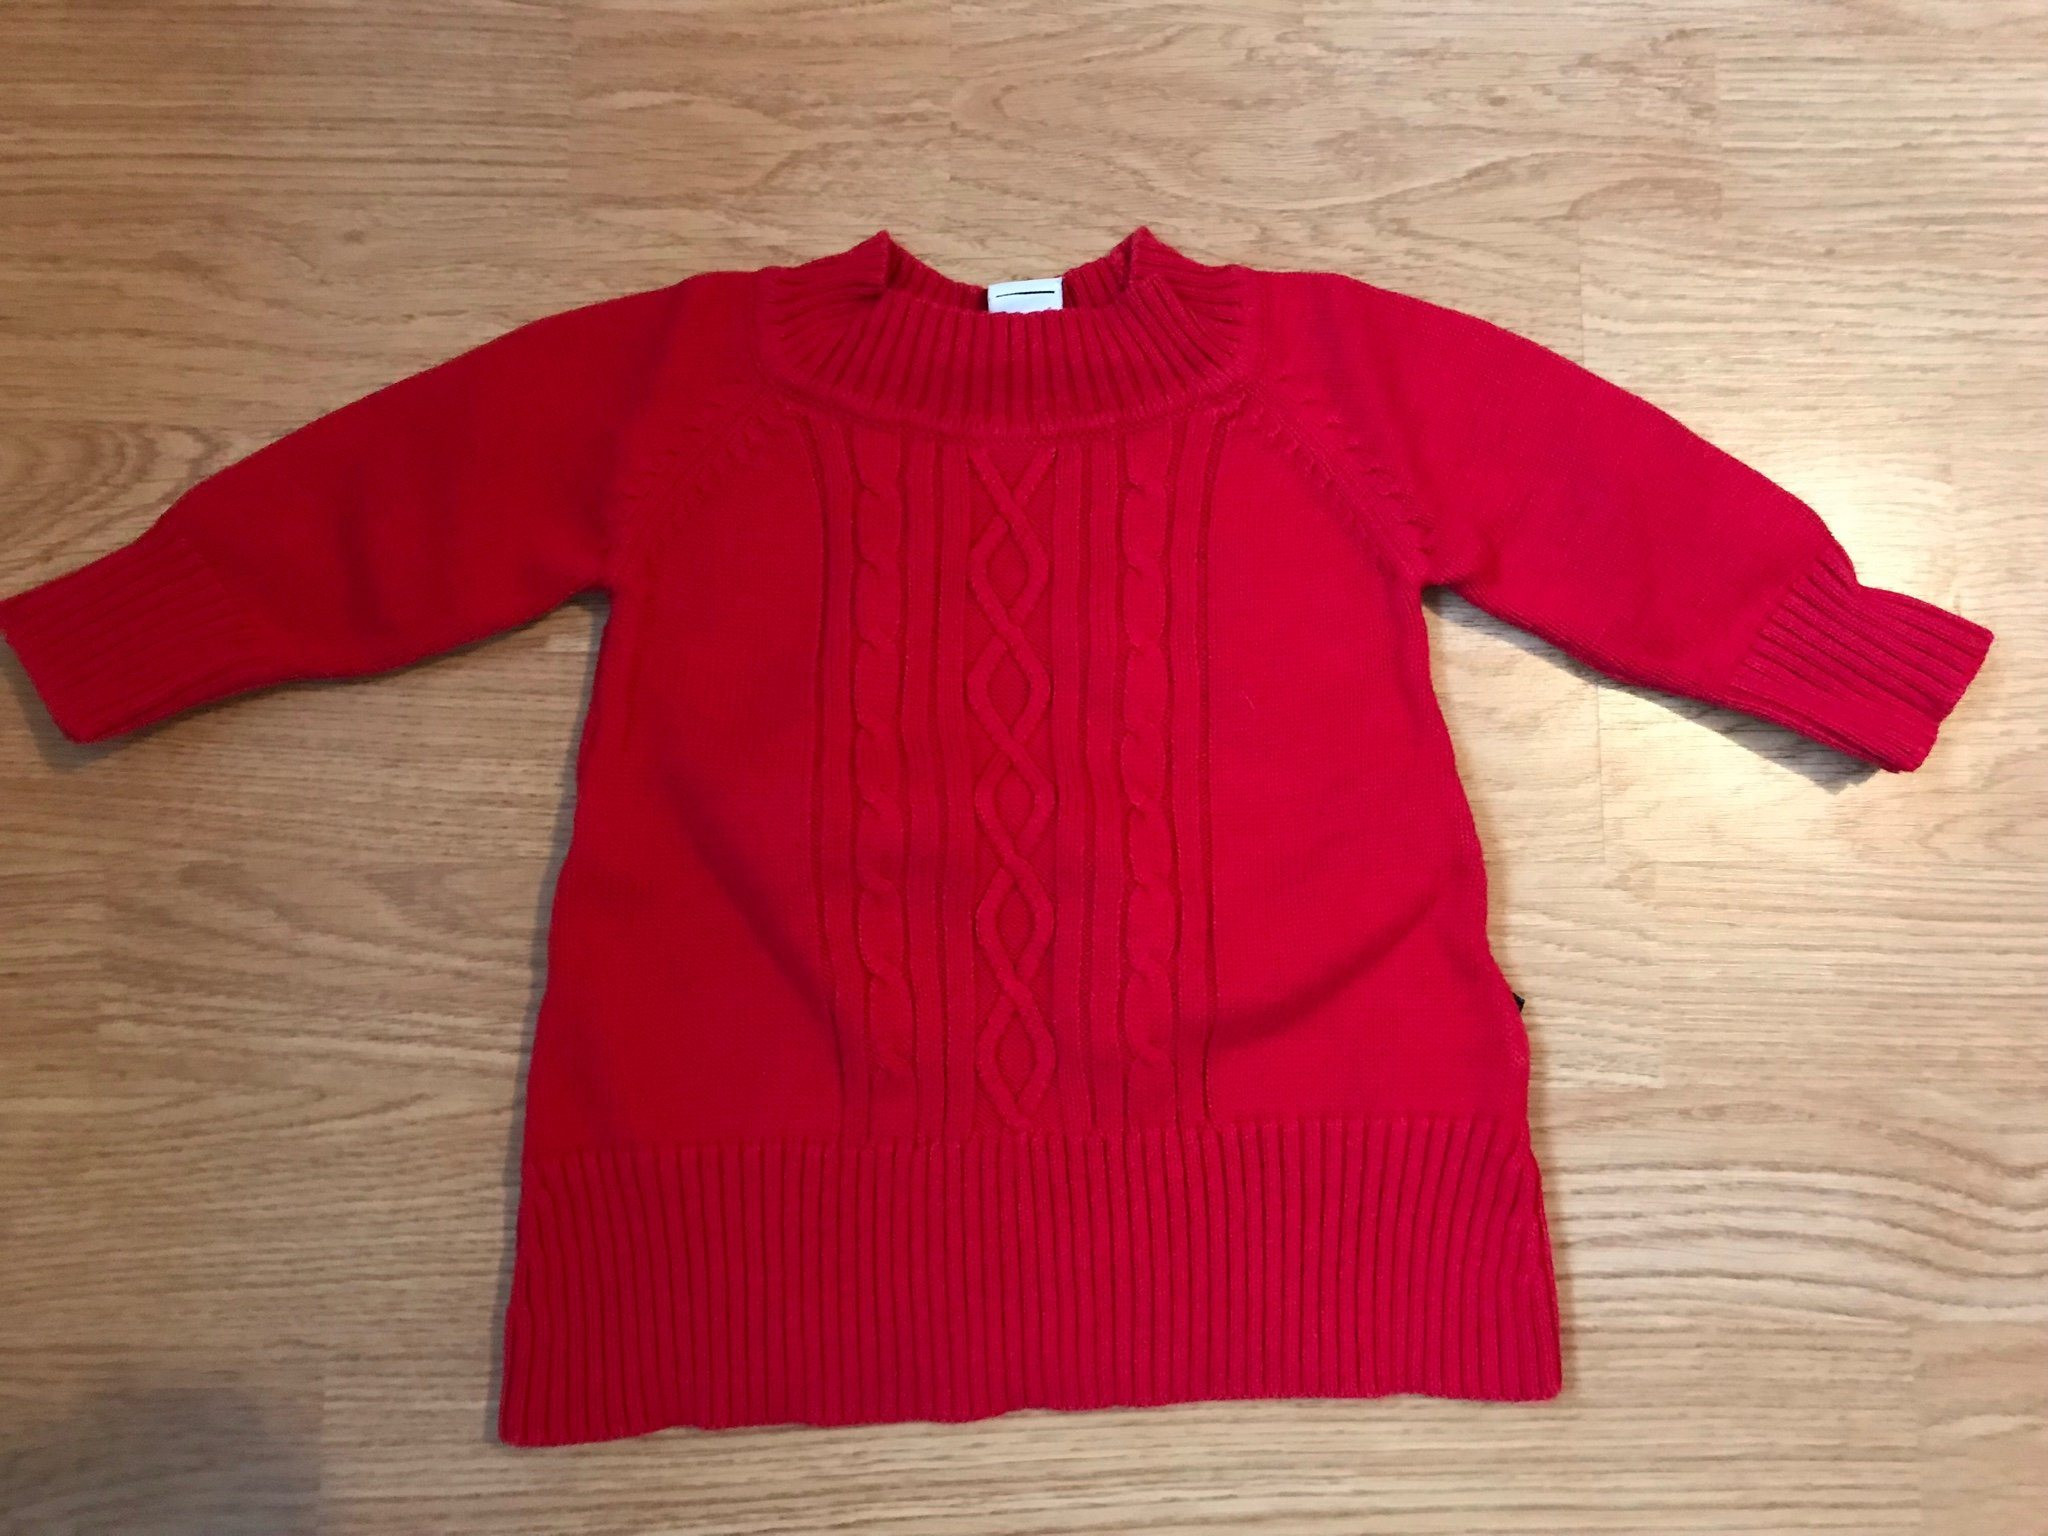 210030ab5a4d Röd stickad klänning från POP i strl 68. (343835825) ᐈ Köp på Tradera